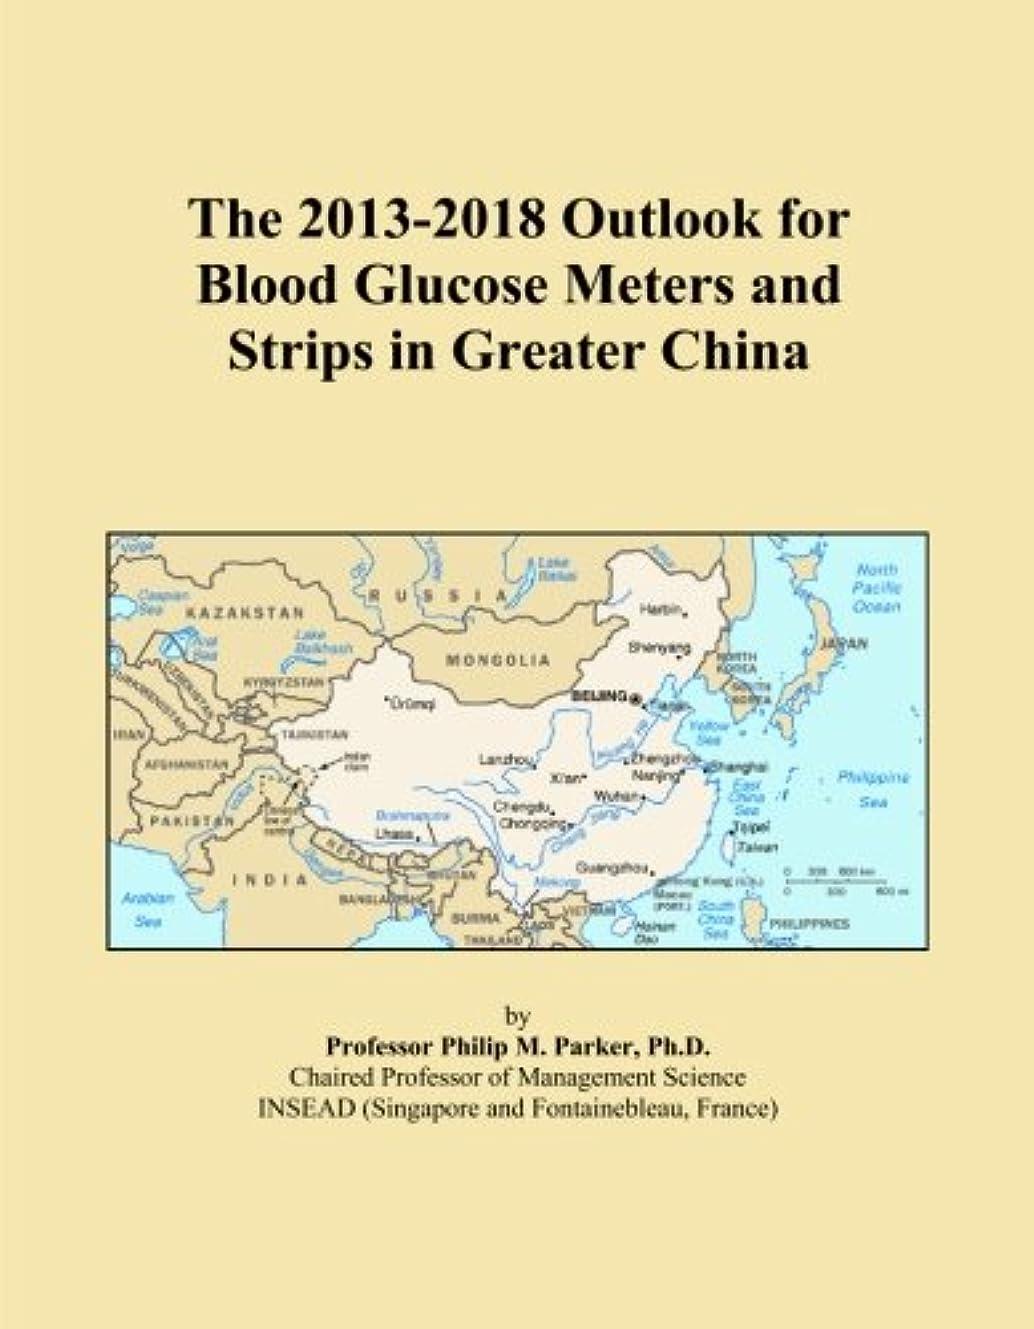 キャリアイブニング醸造所The 2013-2018 Outlook for Blood Glucose Meters and Strips in Greater China